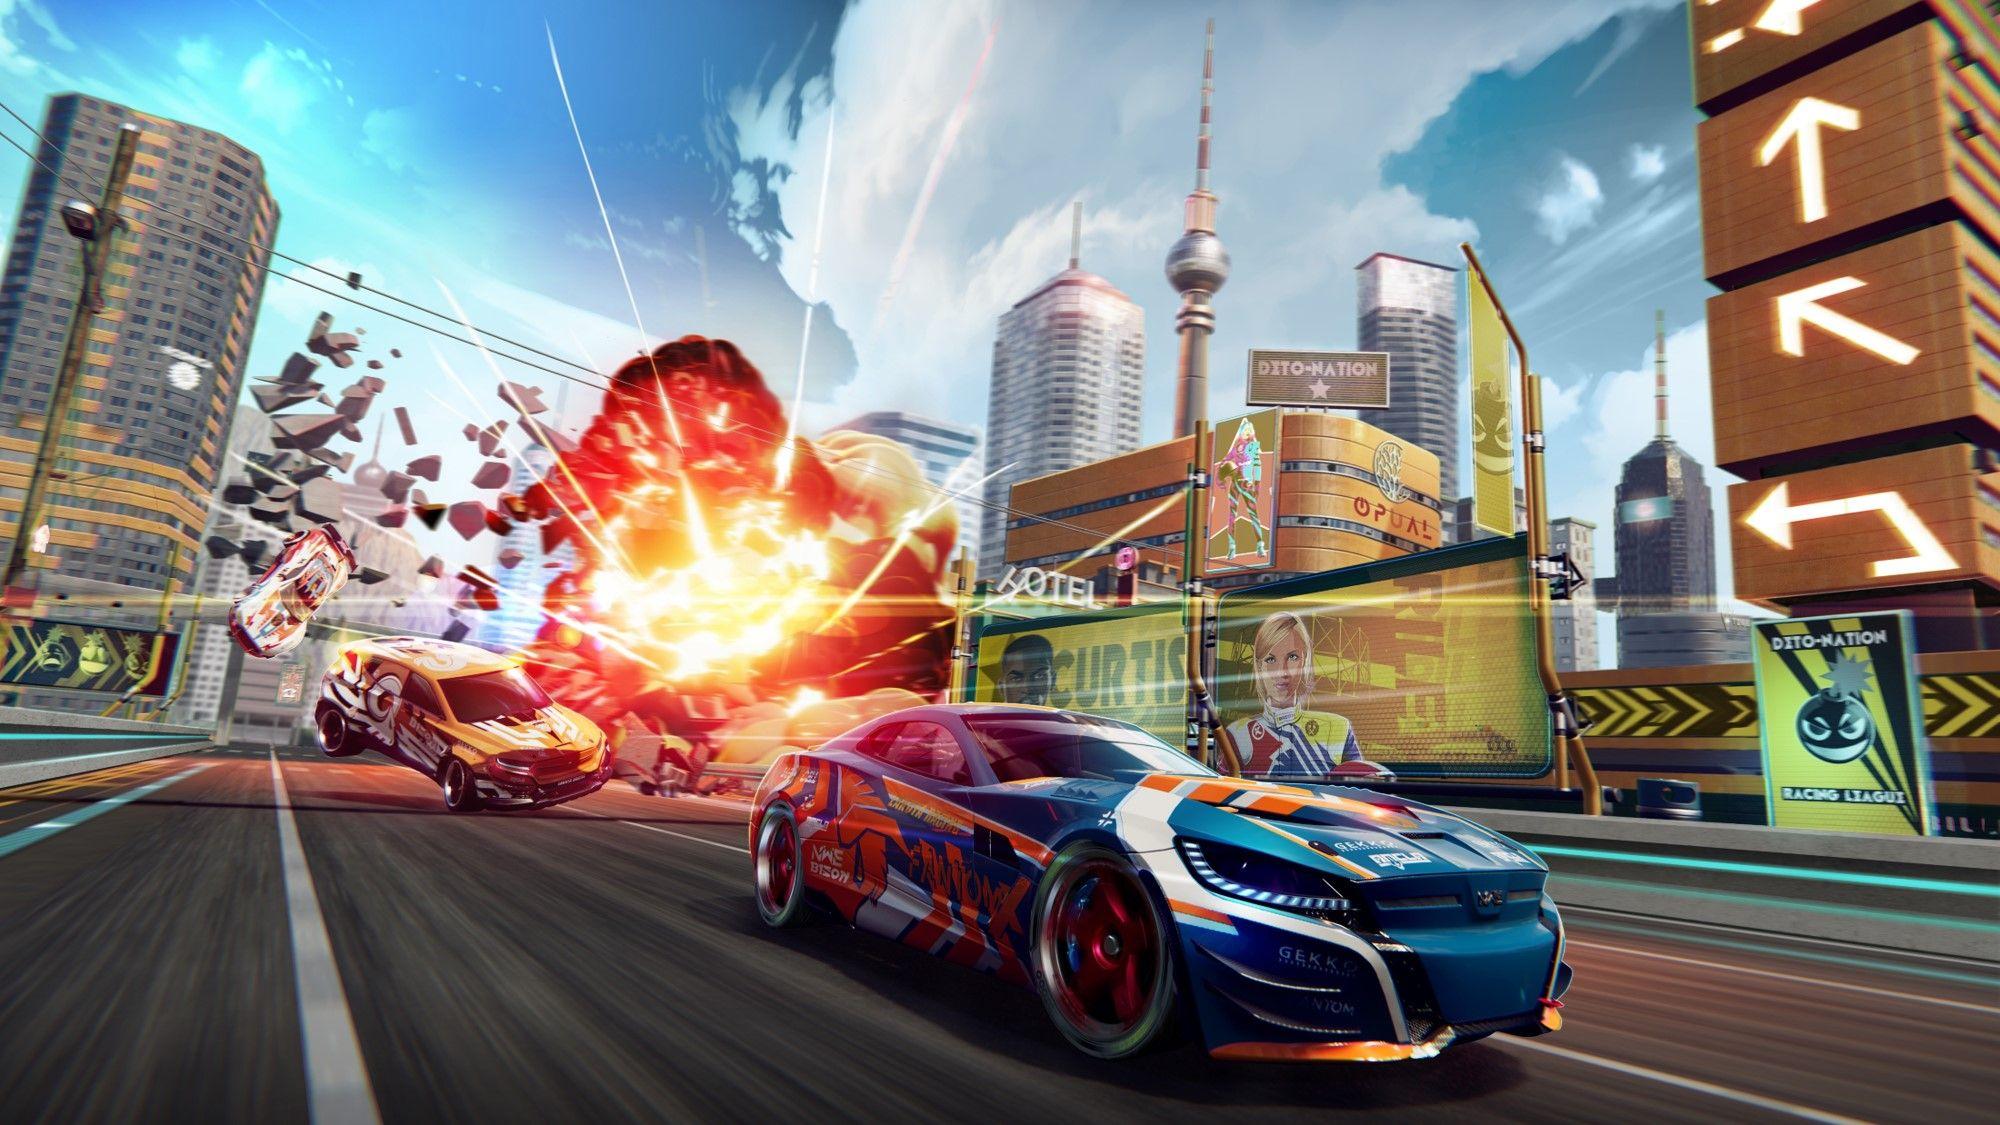 El juego de carreras extremo Detonation Racing llega a la App Store